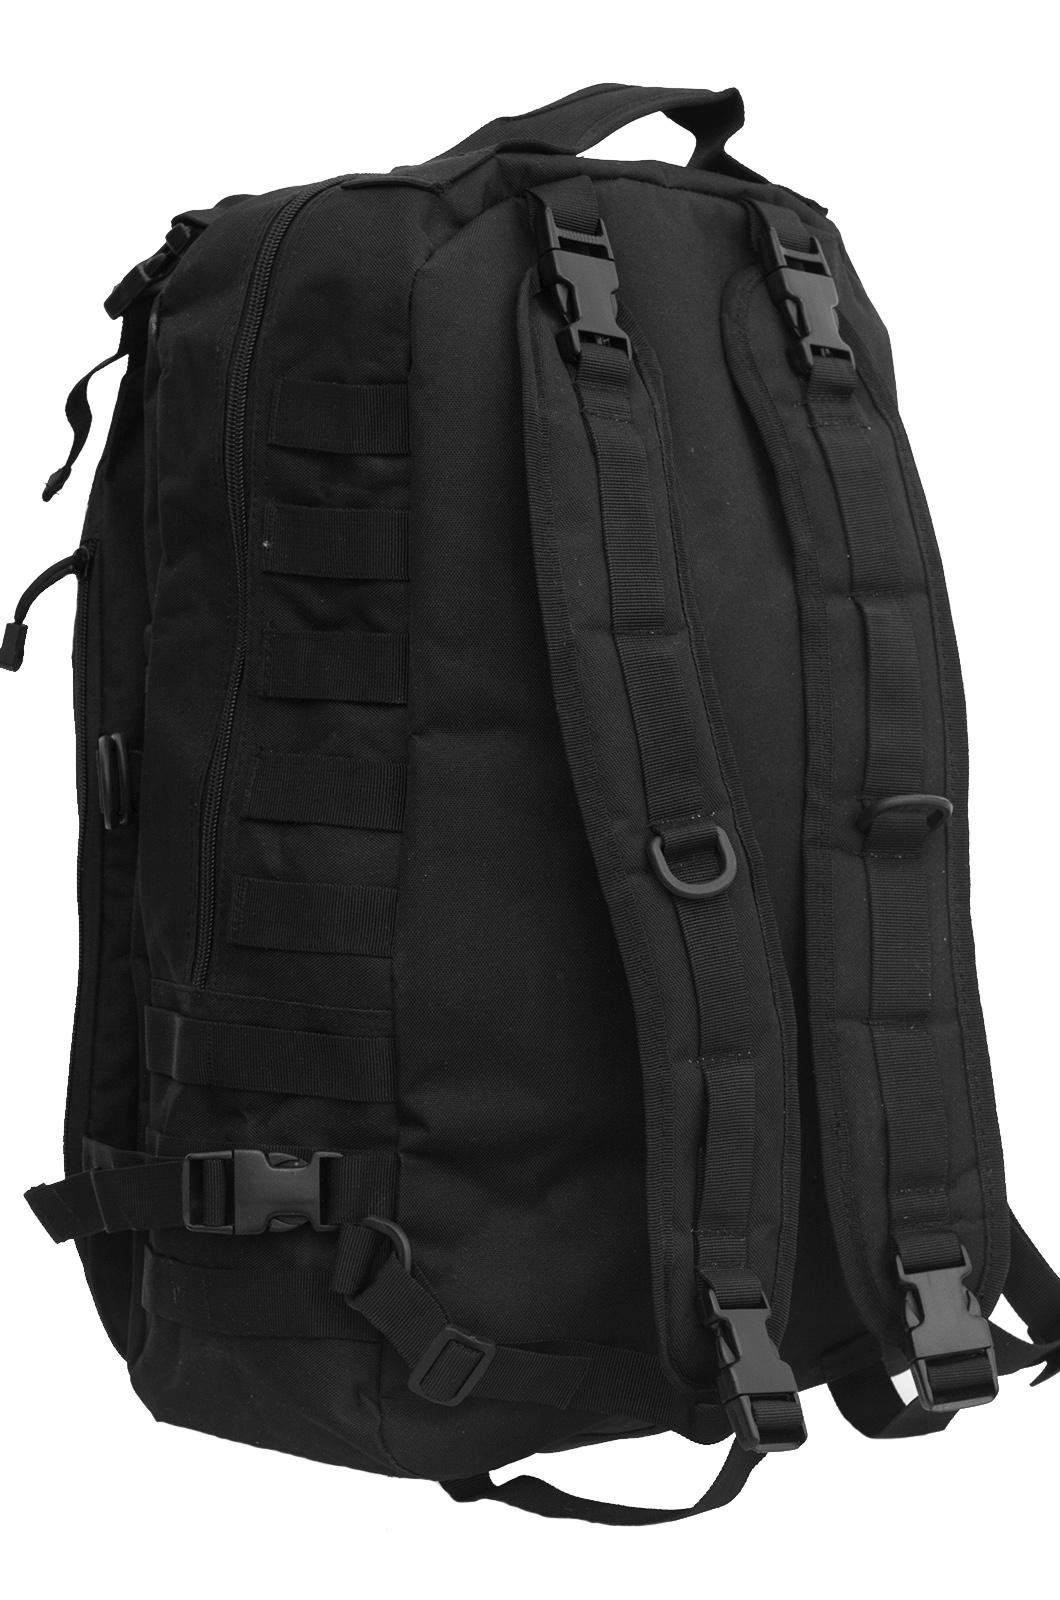 Черный эргономичный рюкзак с нашивкой Охотничий Спецназ - заказать по низкой цене